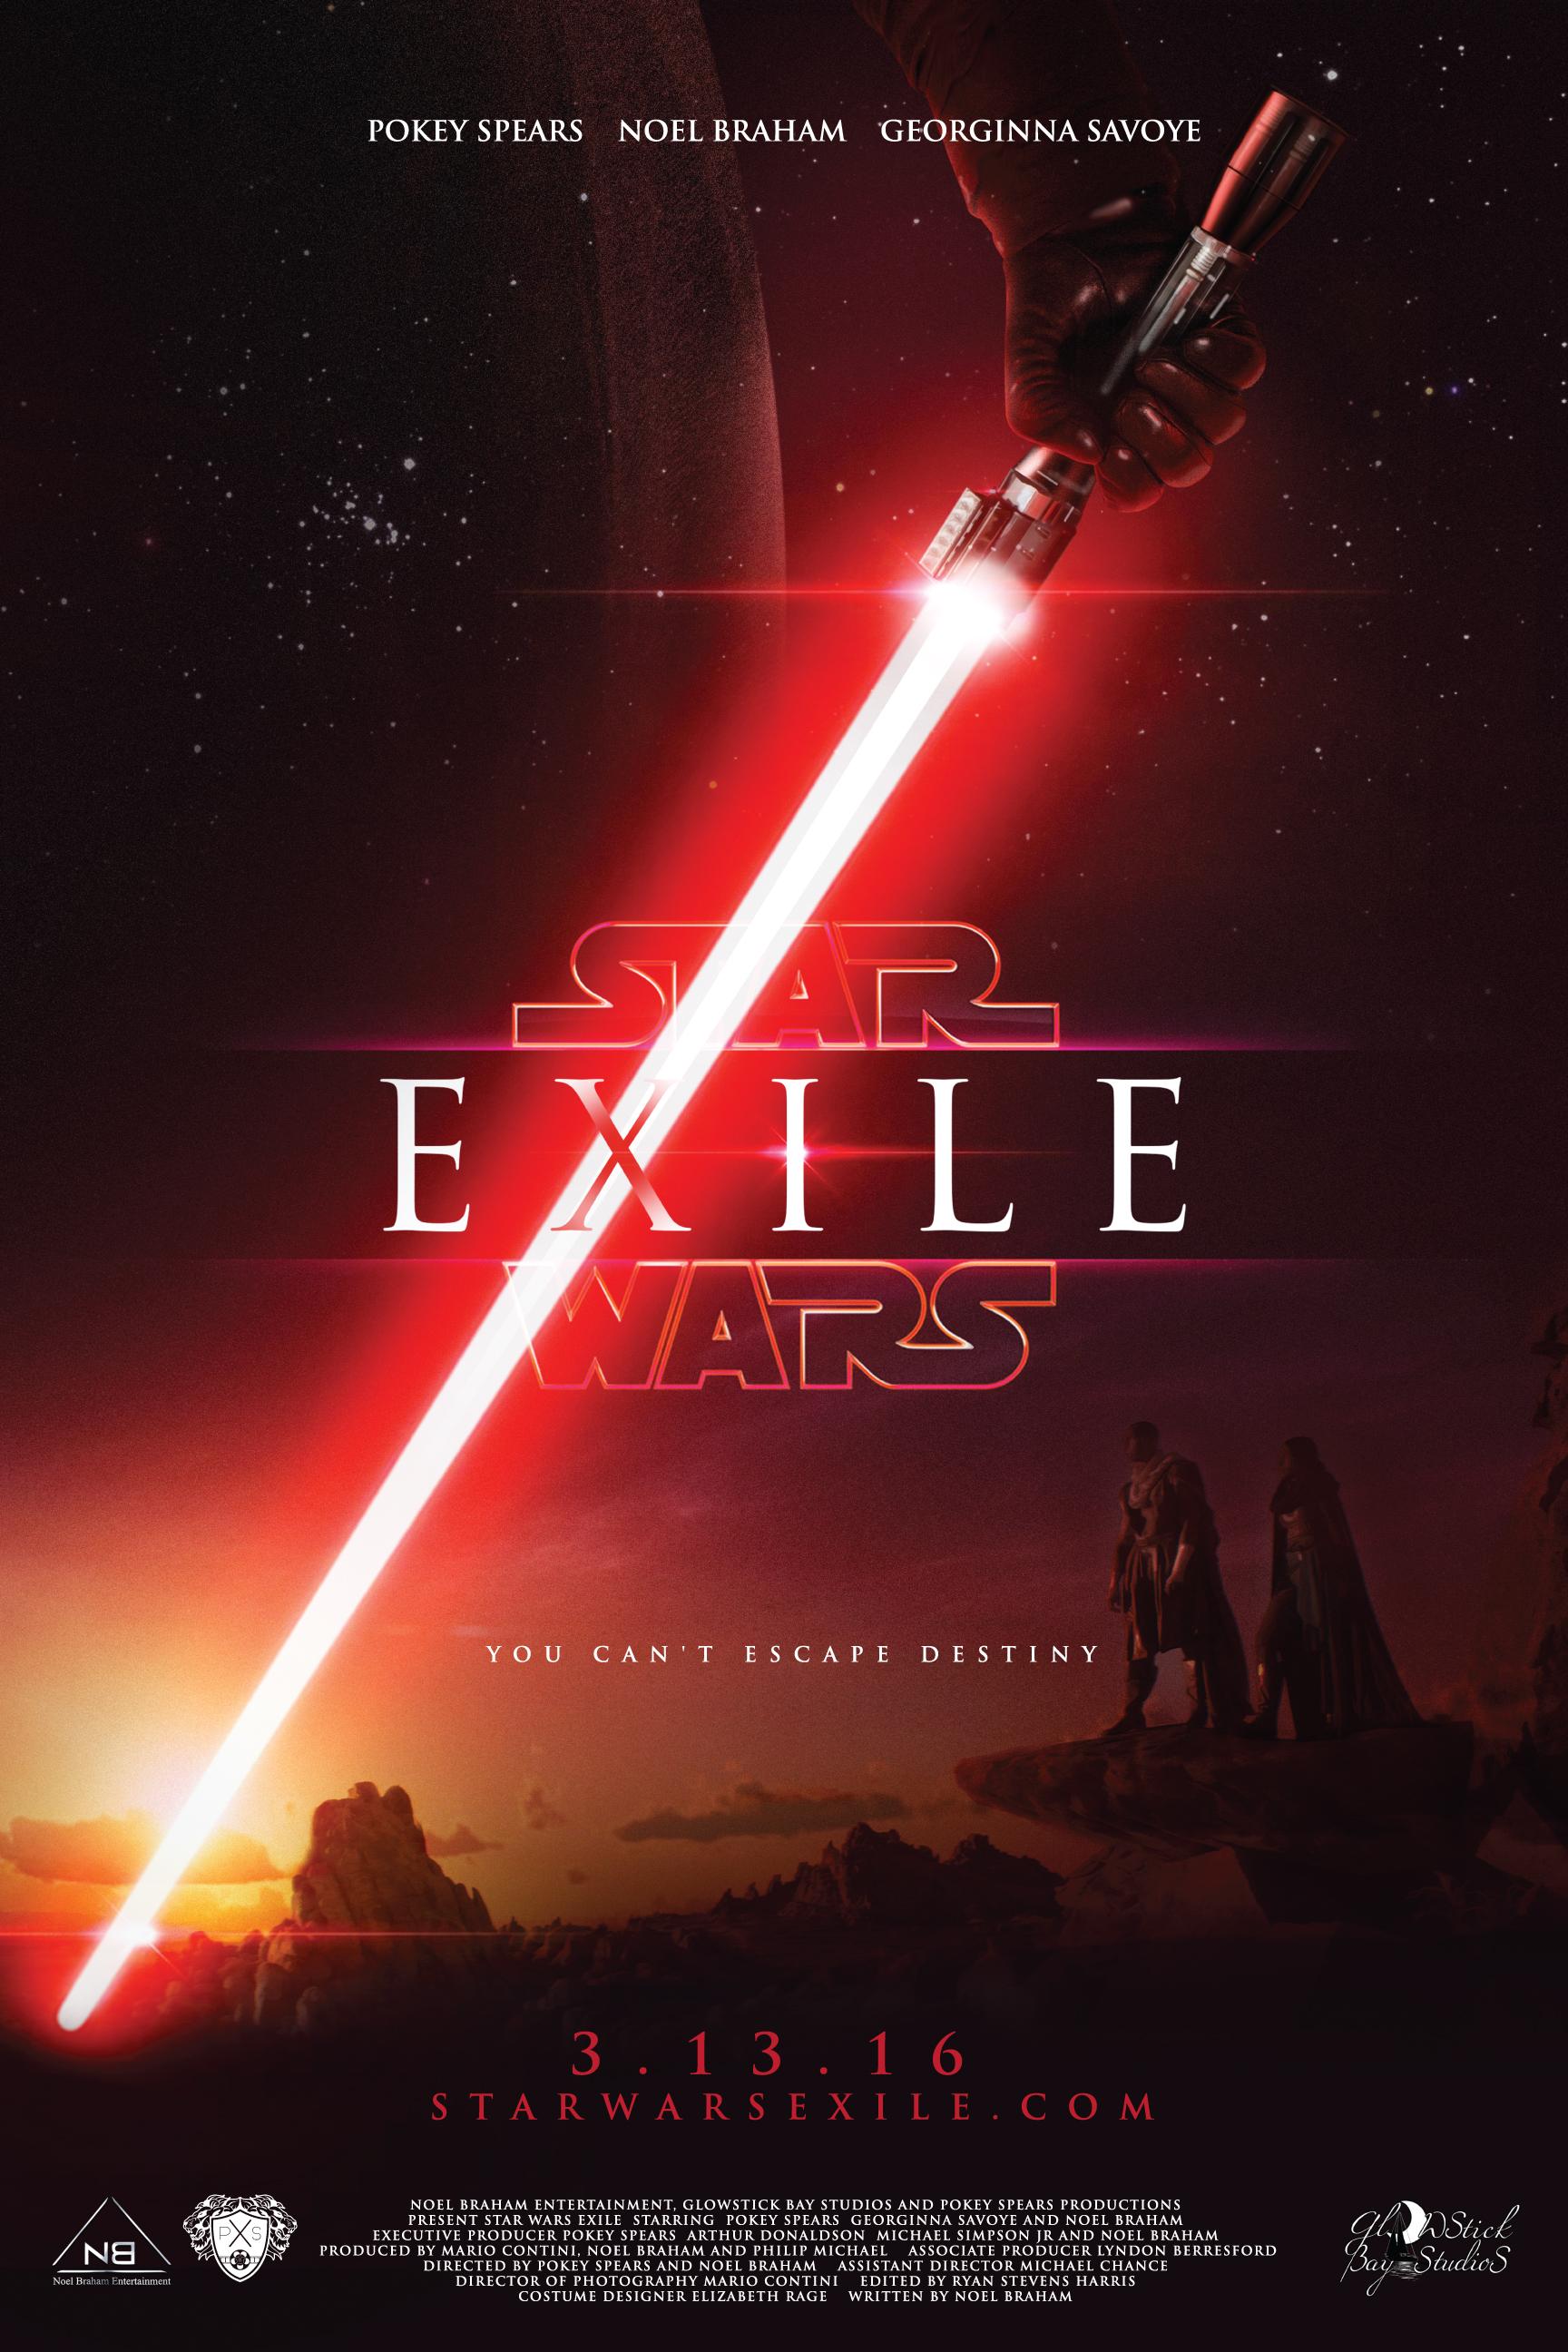 Star Wars Teaser Poster